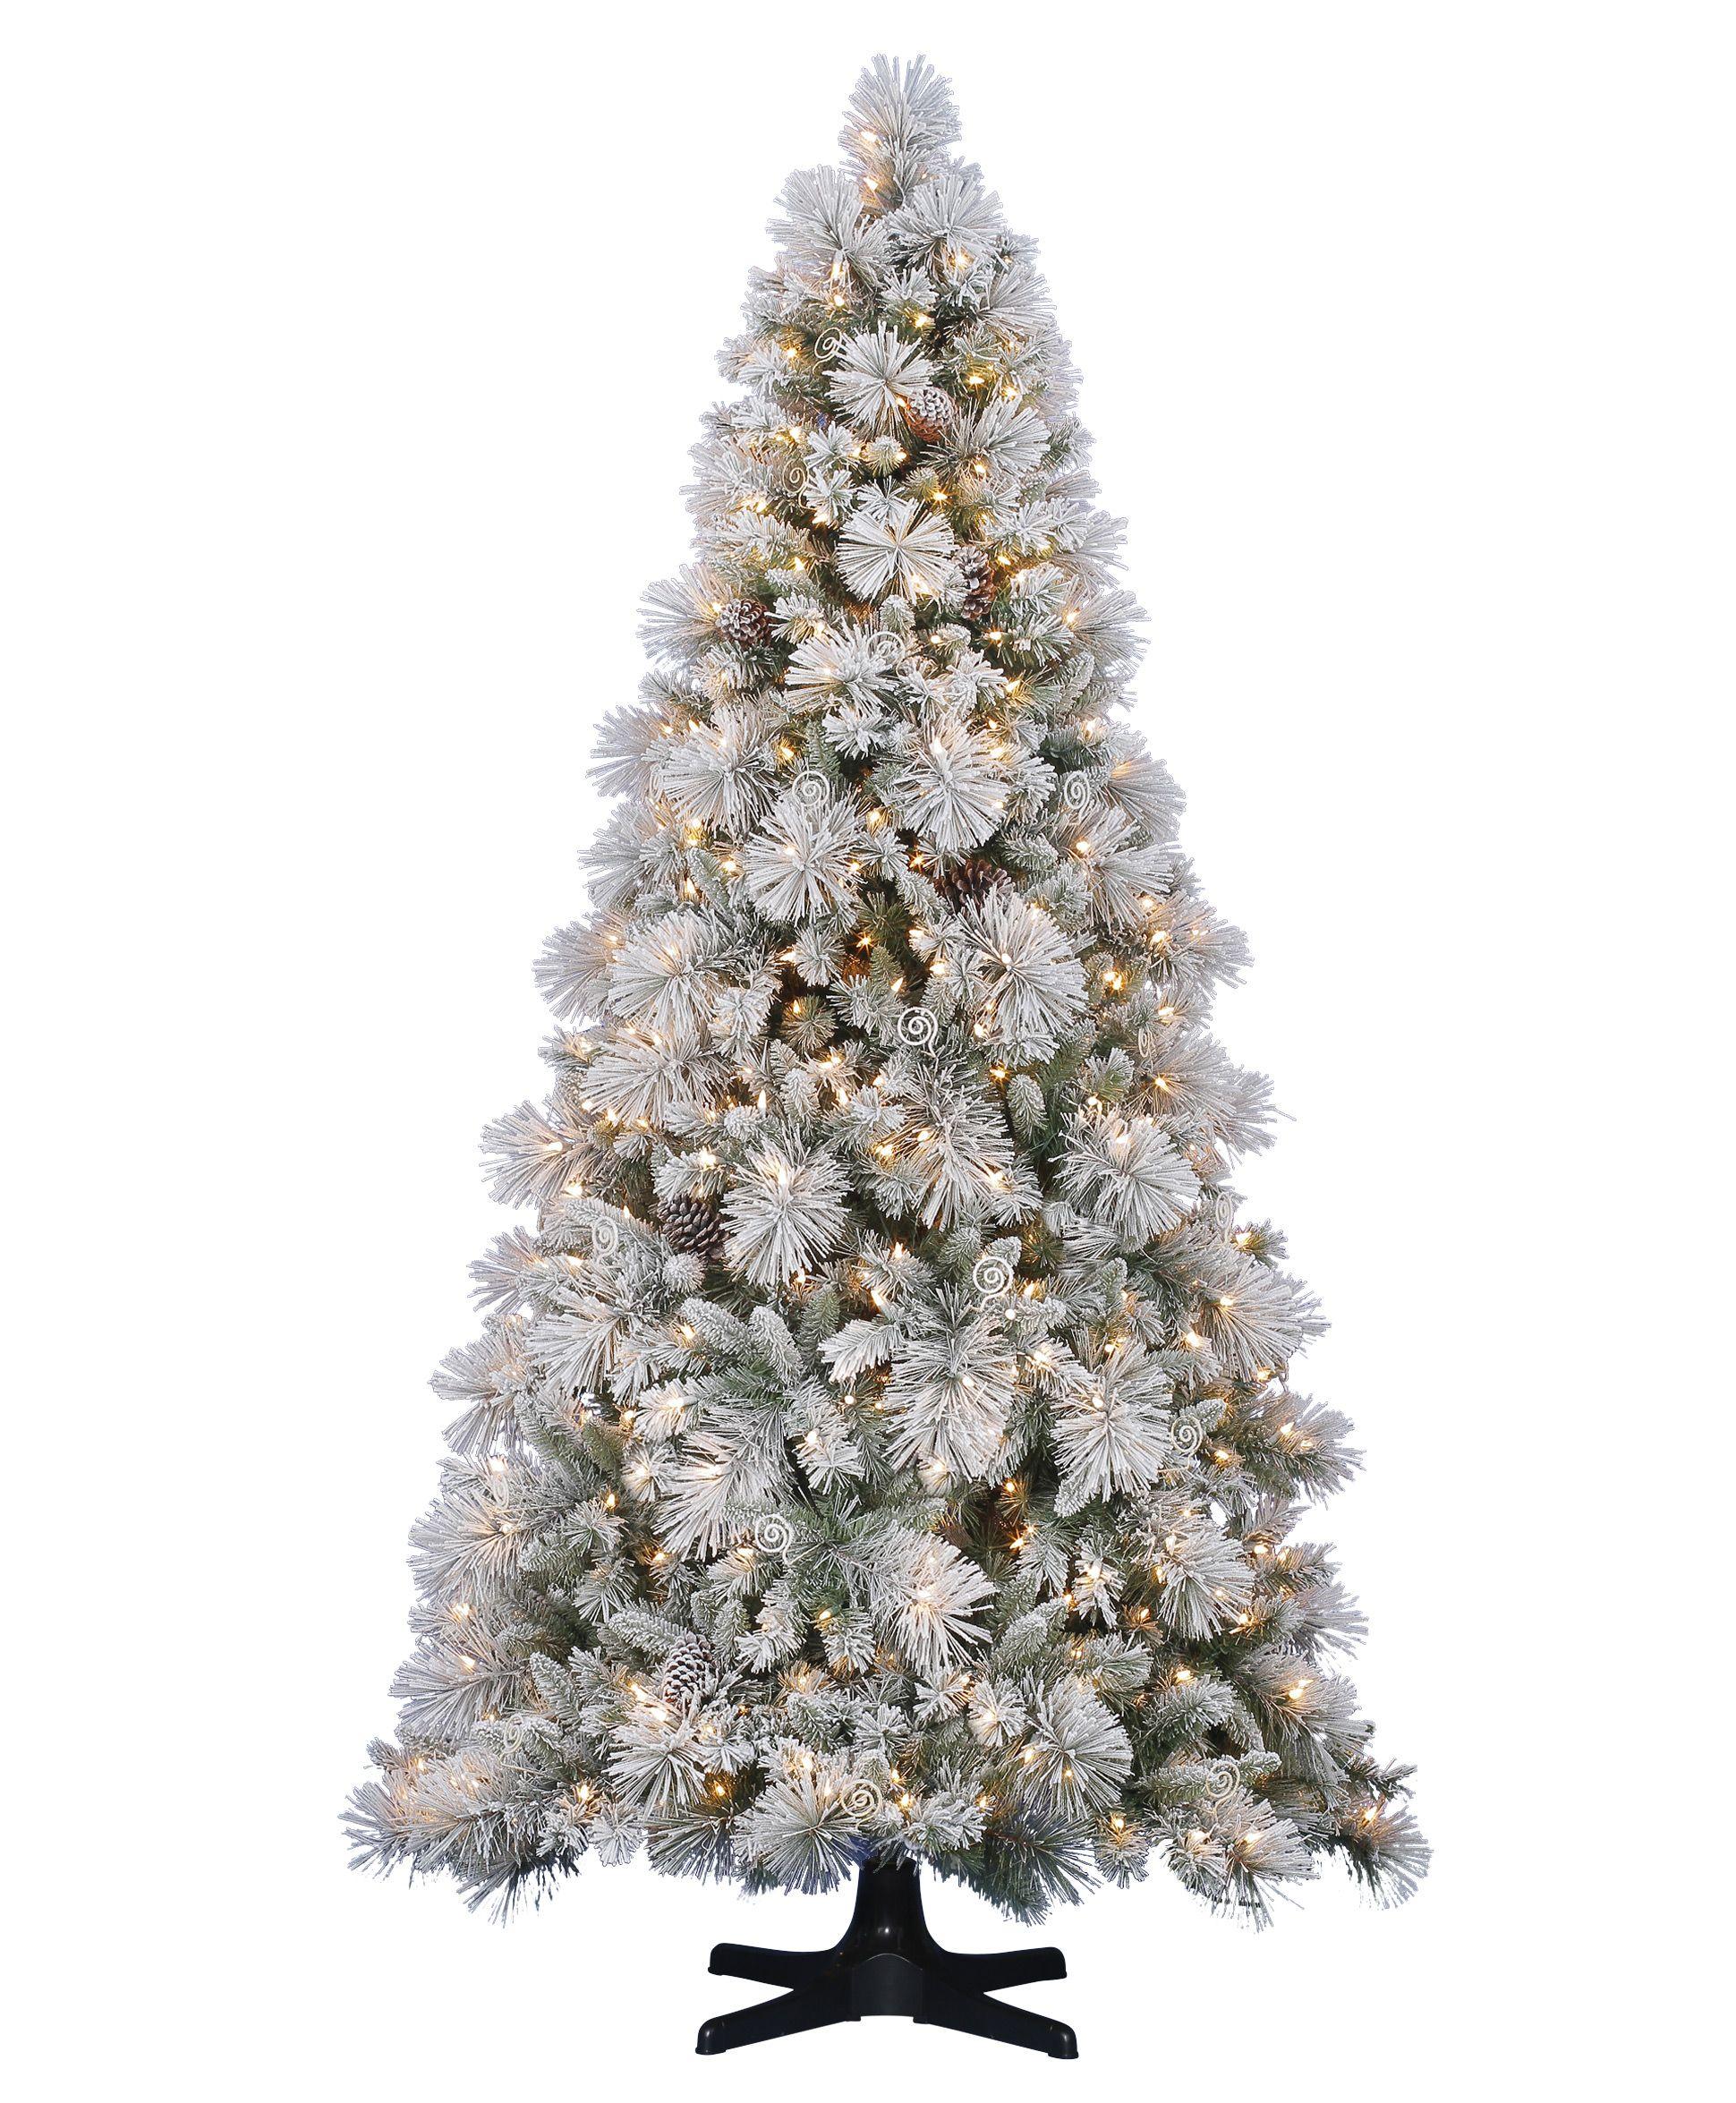 37+ Full flocked christmas tree ideas